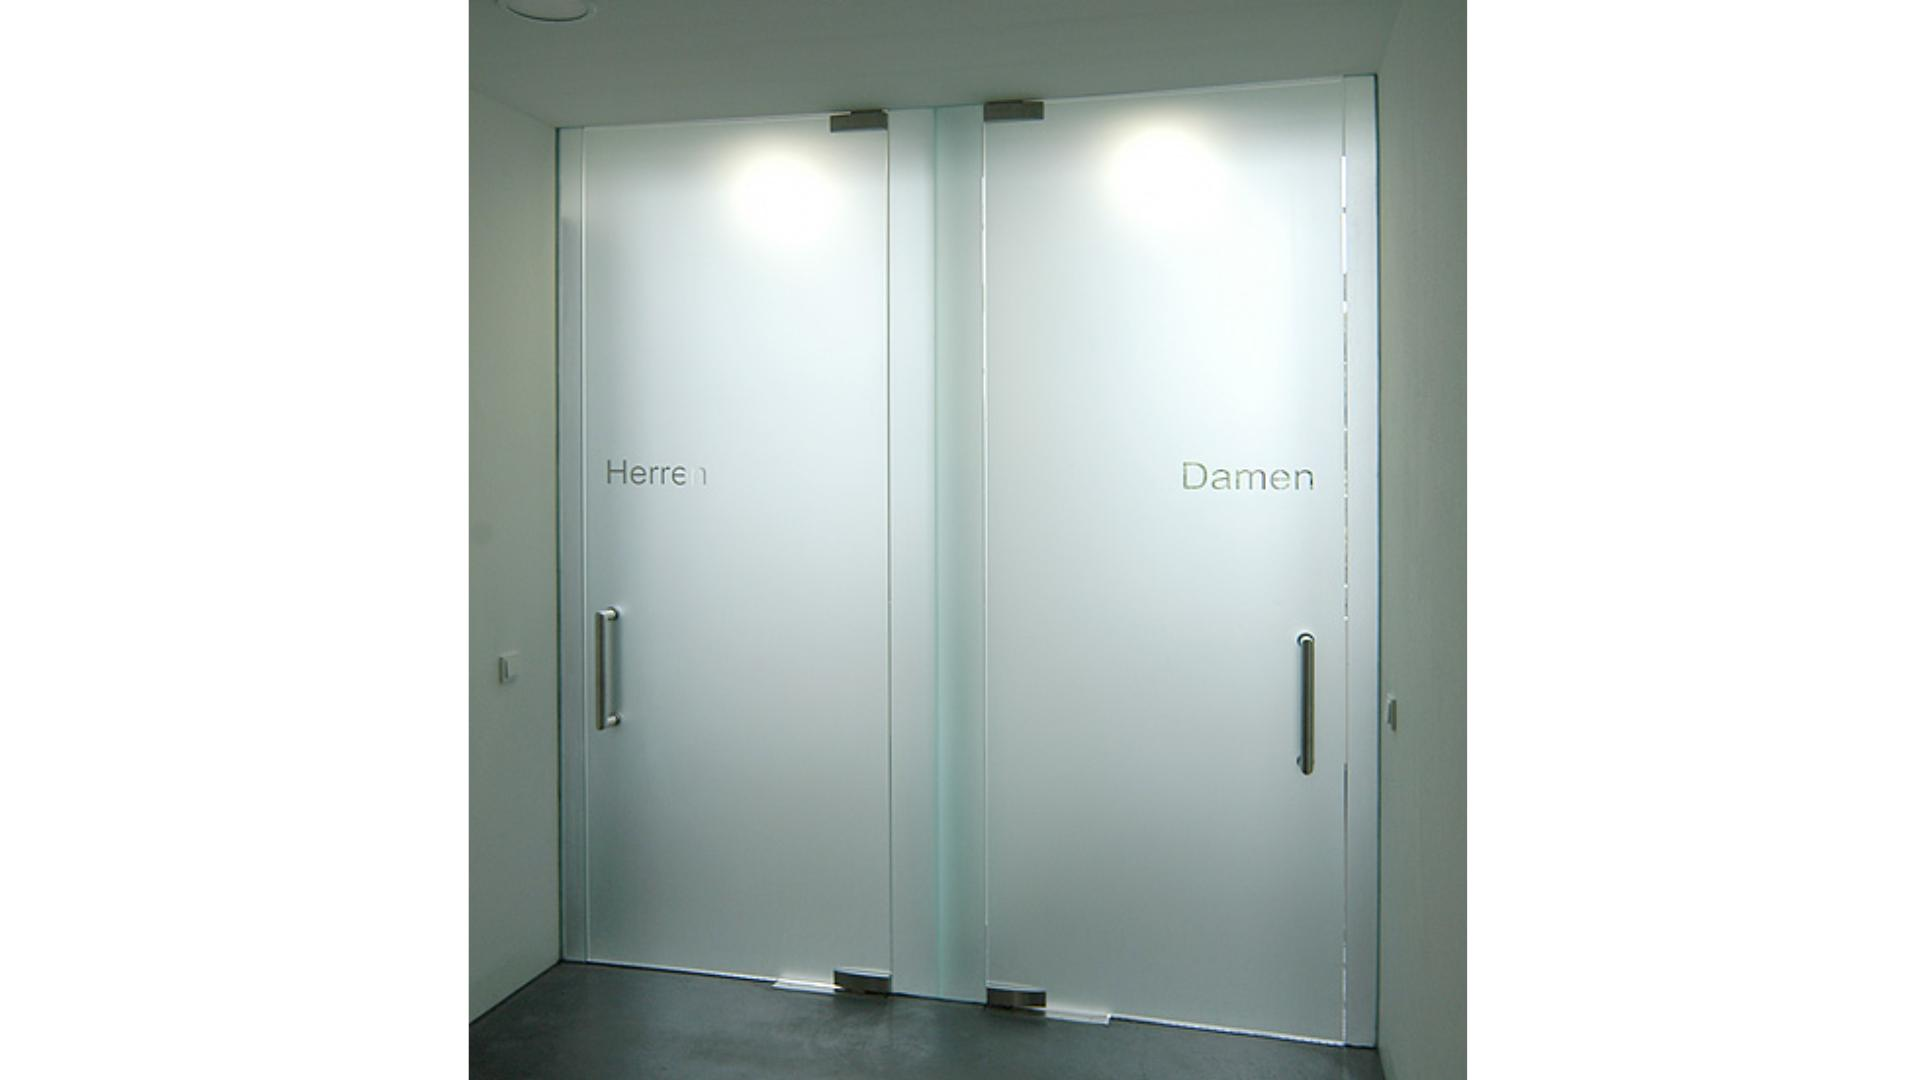 zwei Drehtüren aus Glas vor Toiletten